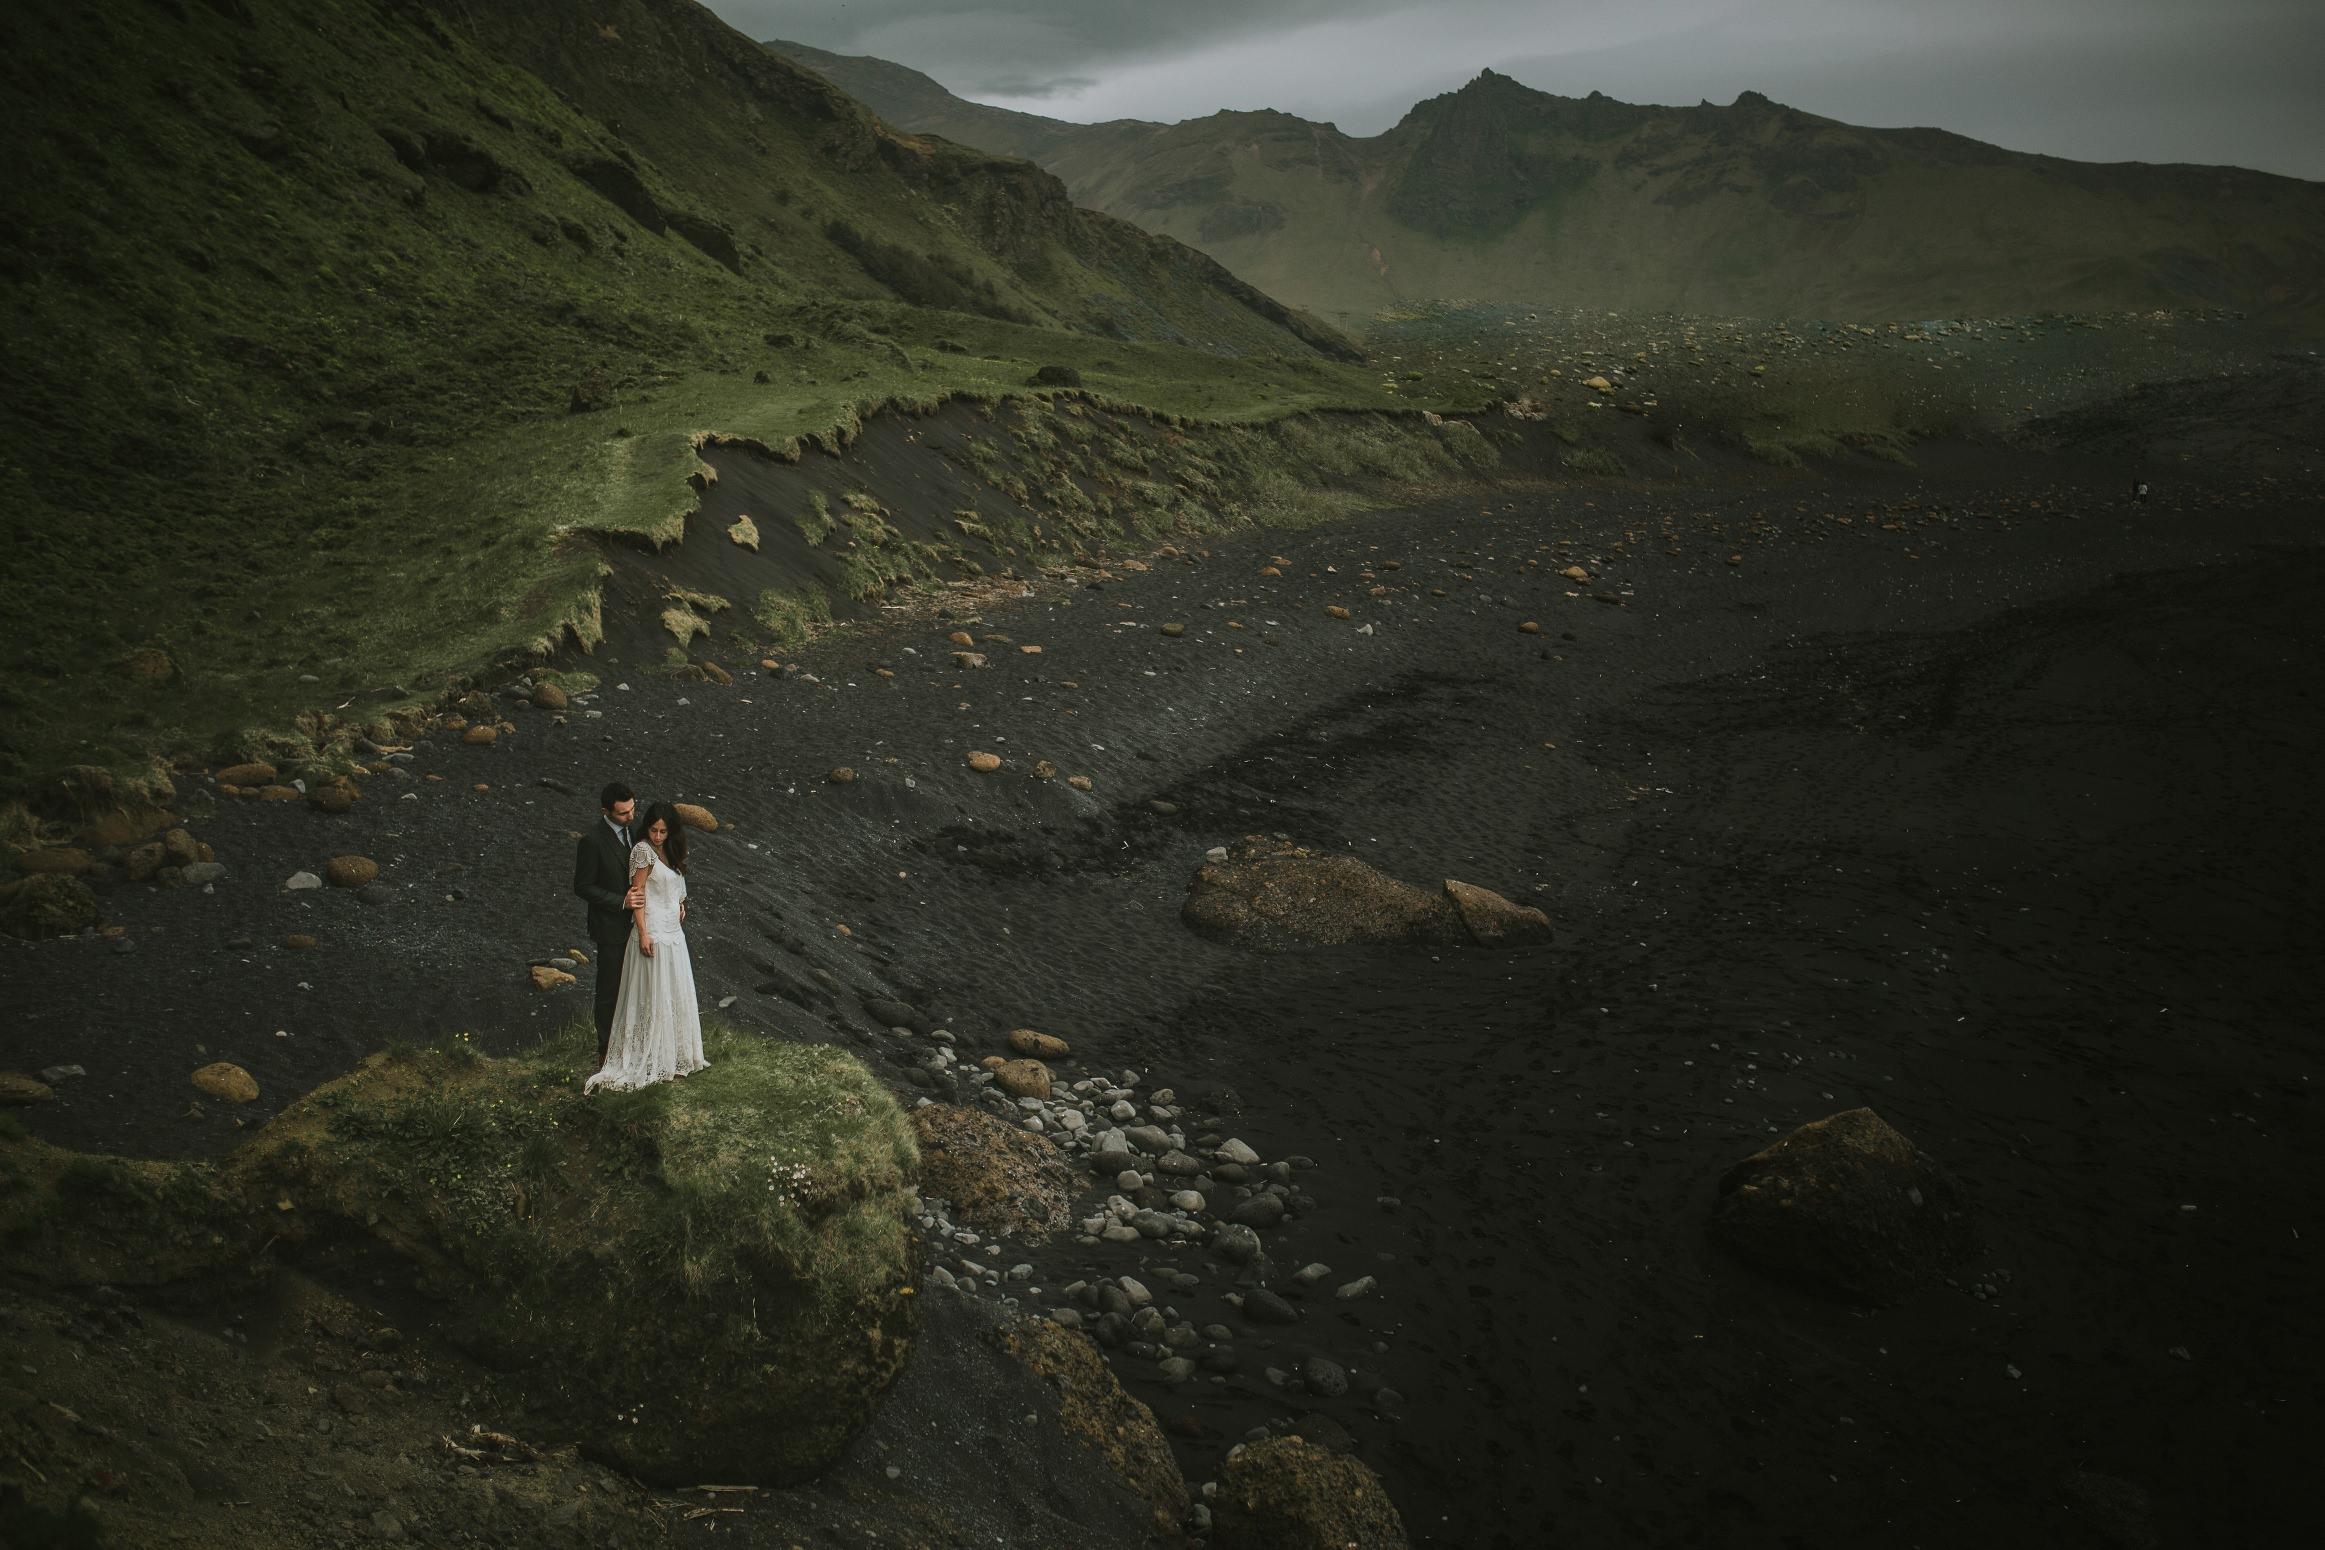 Virginia&Evan-CubeEmily&Peter-Iceland07